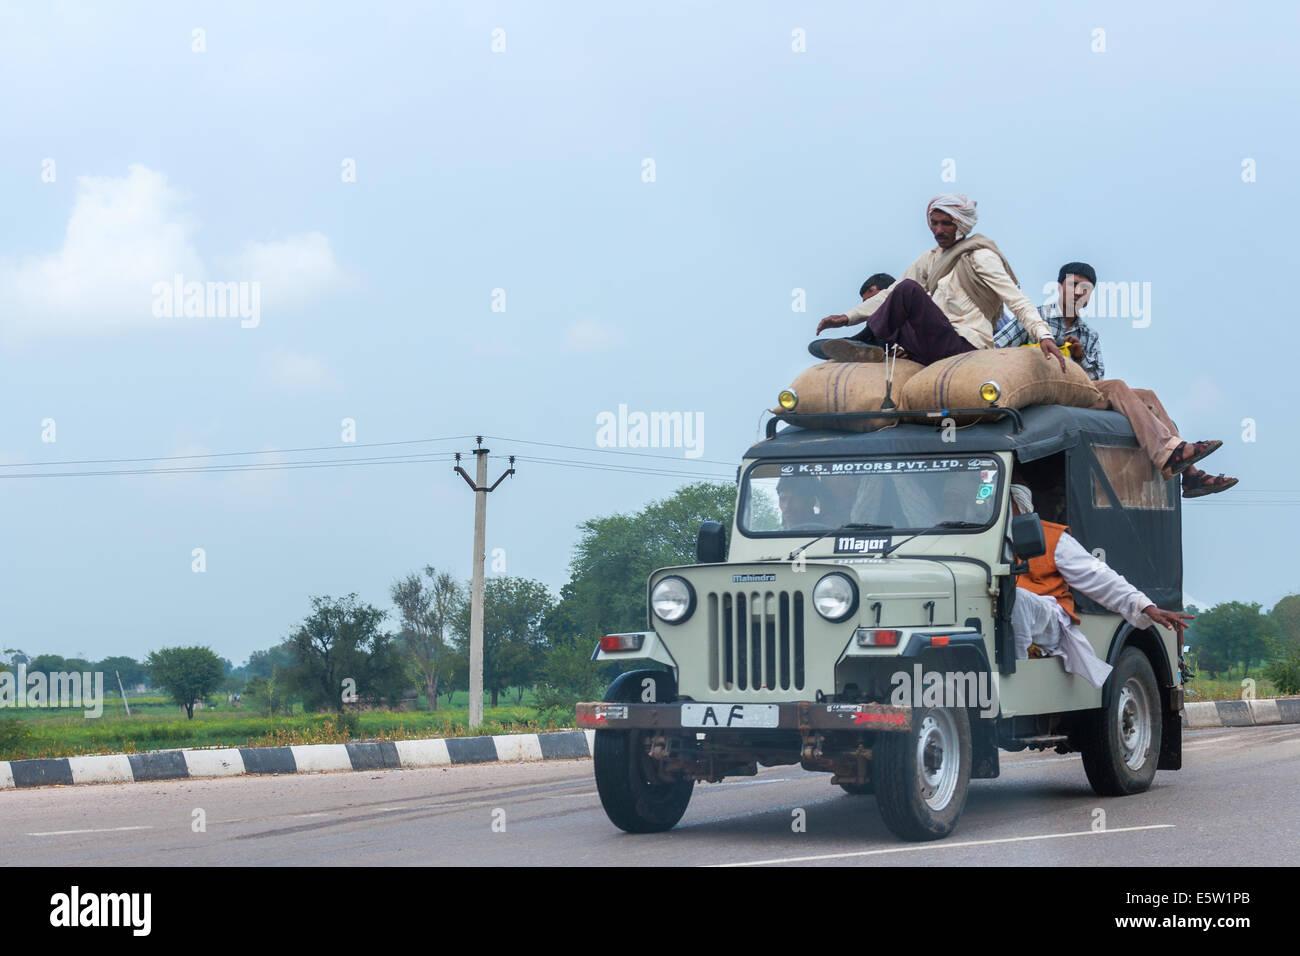 Jeep surchargée avec des sacs et des personnes sur le toit de la conduite sur route. Photo Stock